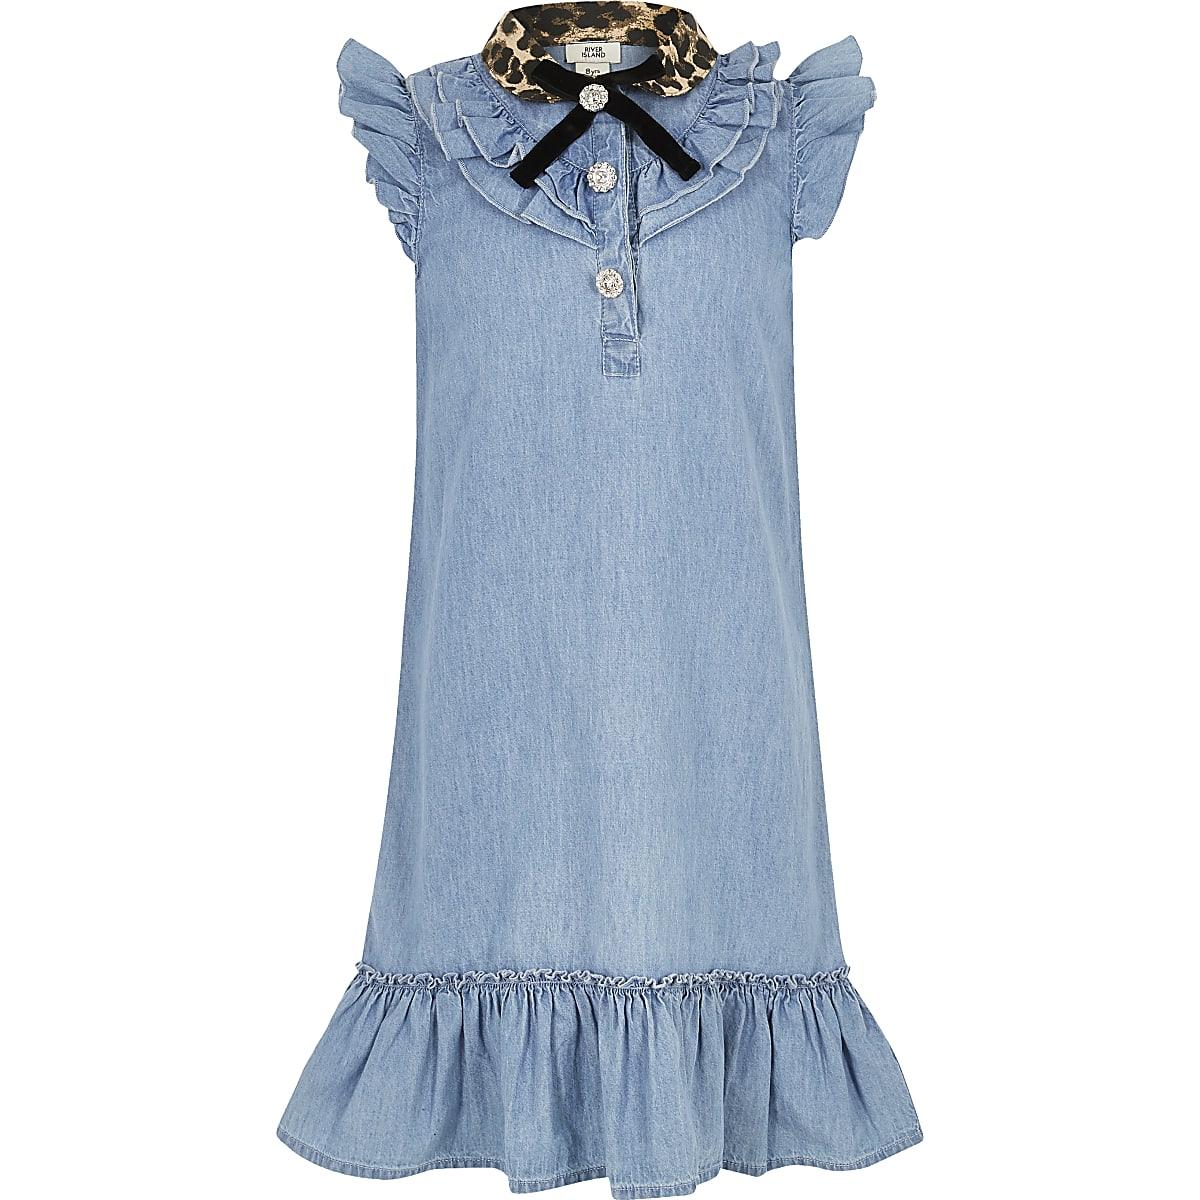 Girls blue leopard collar denim dress